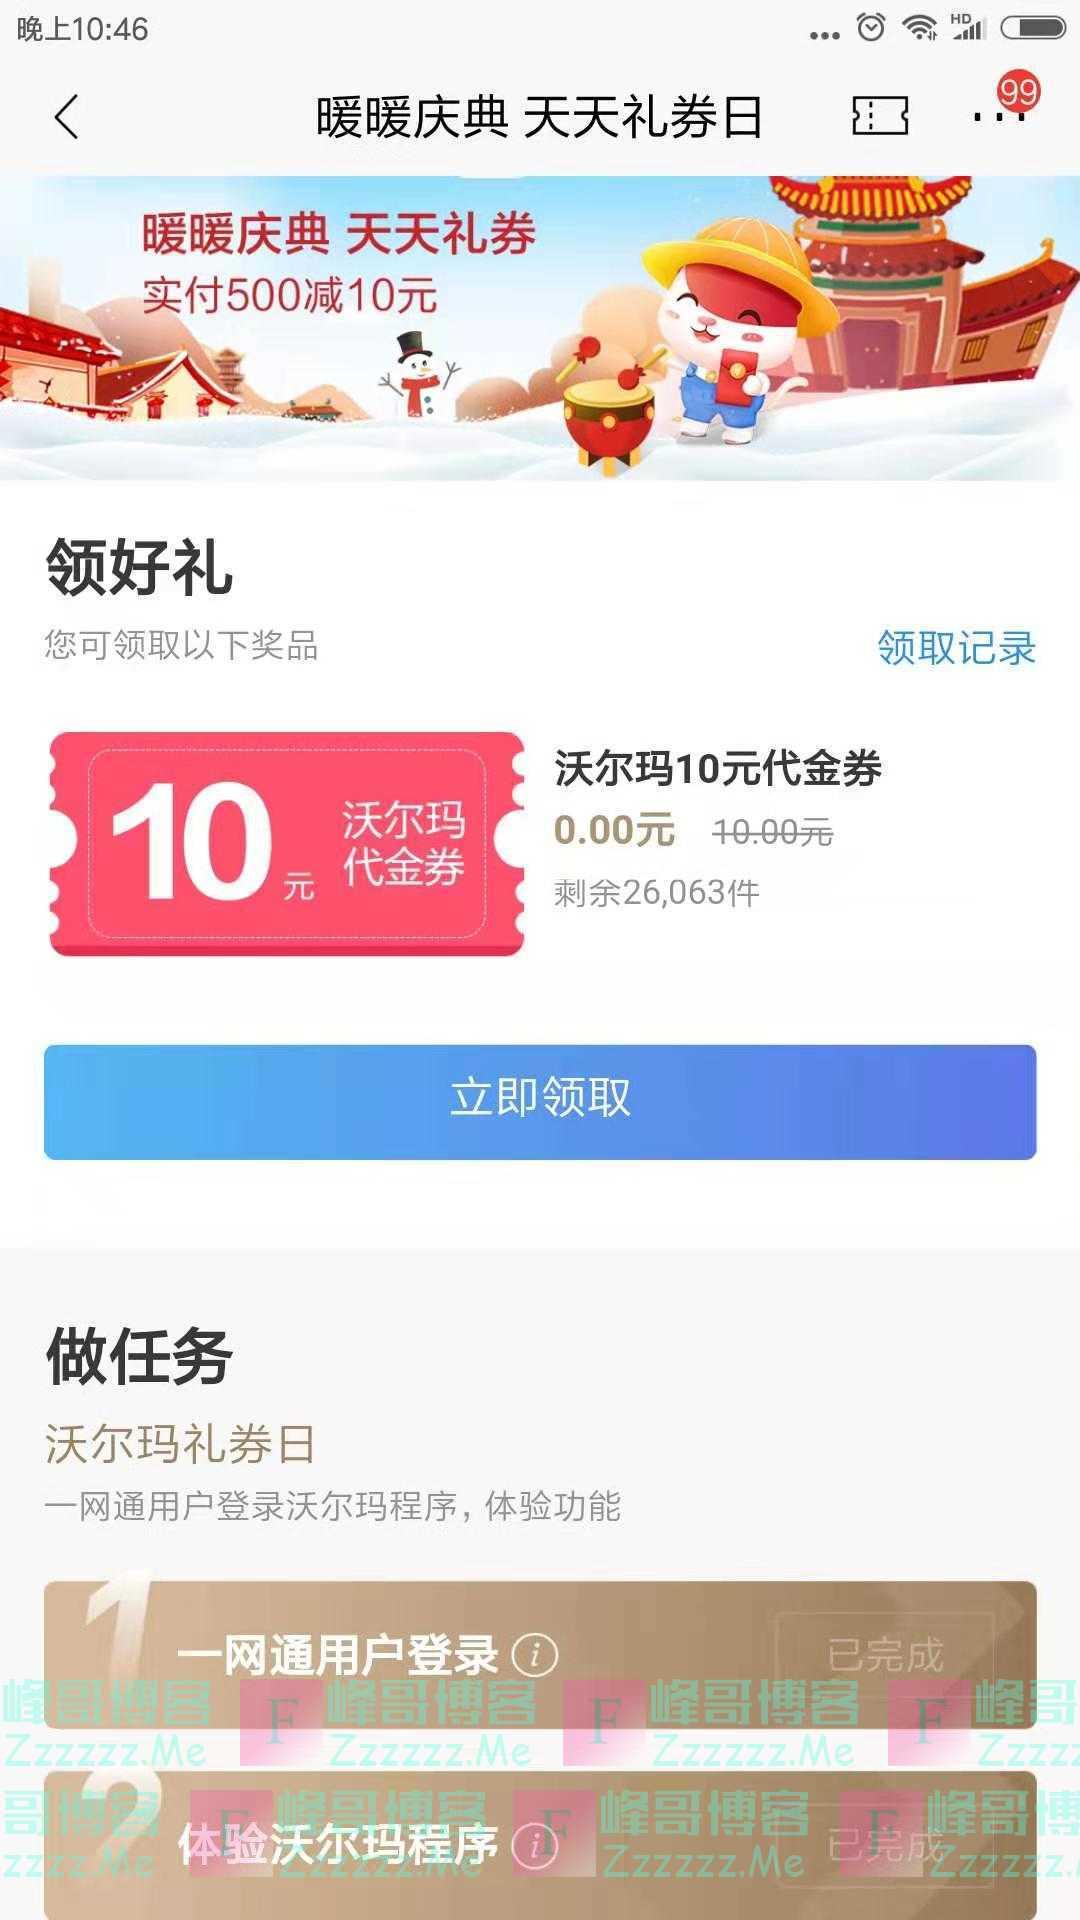 招行暖暖庆典领沃尔玛10元代金券(截止1月31日)